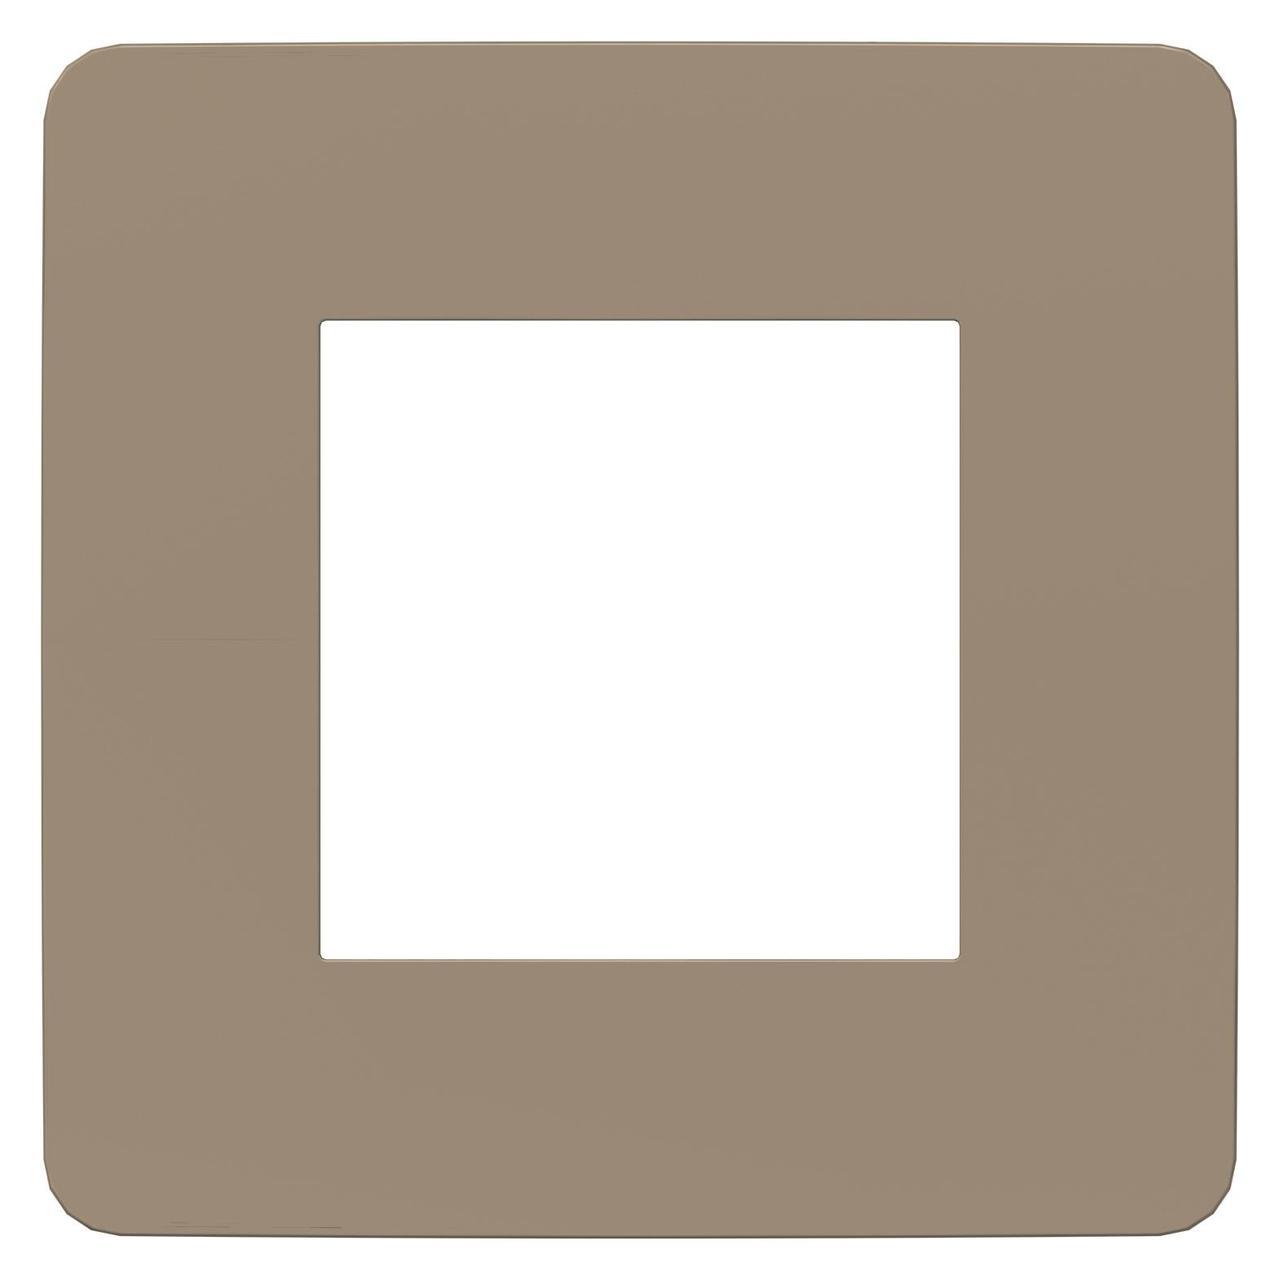 Рамка 1-ая (одинарная), Песочный/Антрацит, серия Unica Studio, Schneider Electric